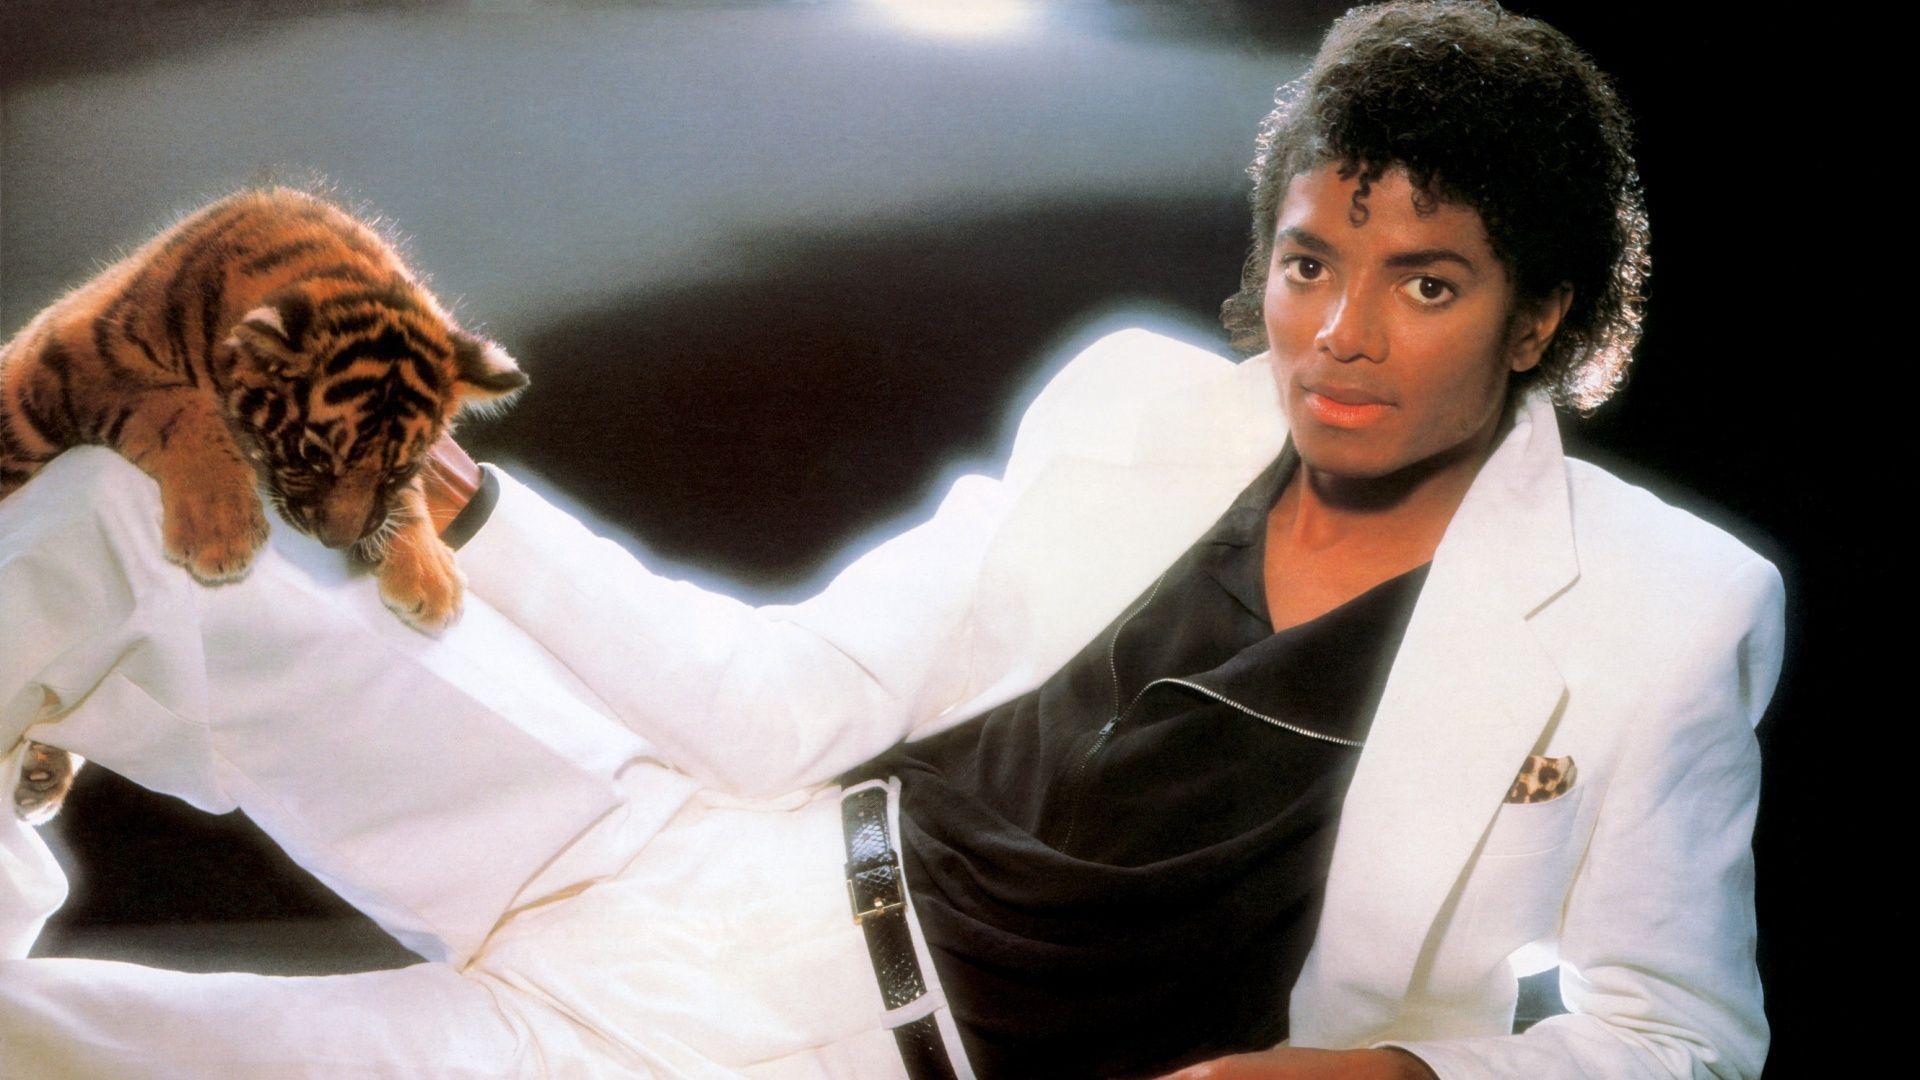 L'histoire Chanson La Découvrez Michael Jackson De Billie Jean JlFuTc3K1